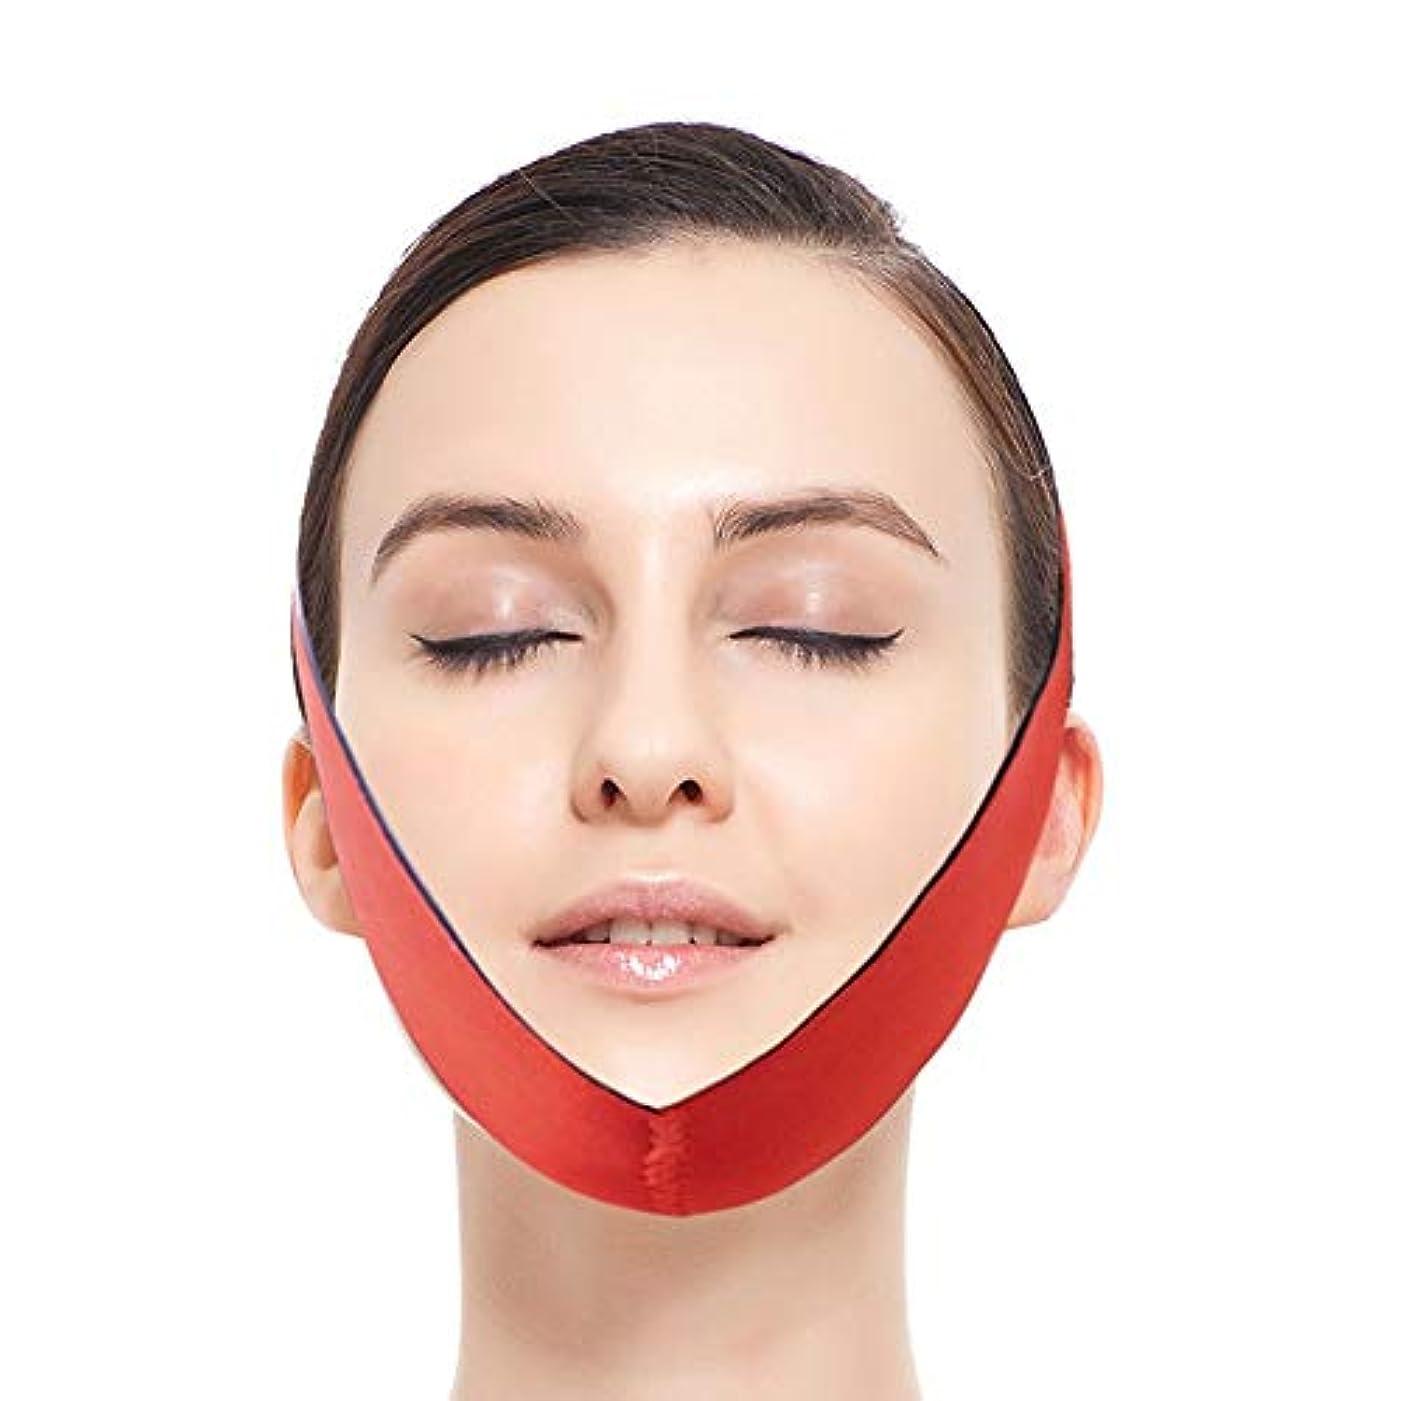 家事神経衰弱ベットJia Jia- フェイスリフティングアーティファクトVフェイス包帯マスクダブルあご引き締め顔薄い咬傷筋肉下顎矯正顔 顔面包帯